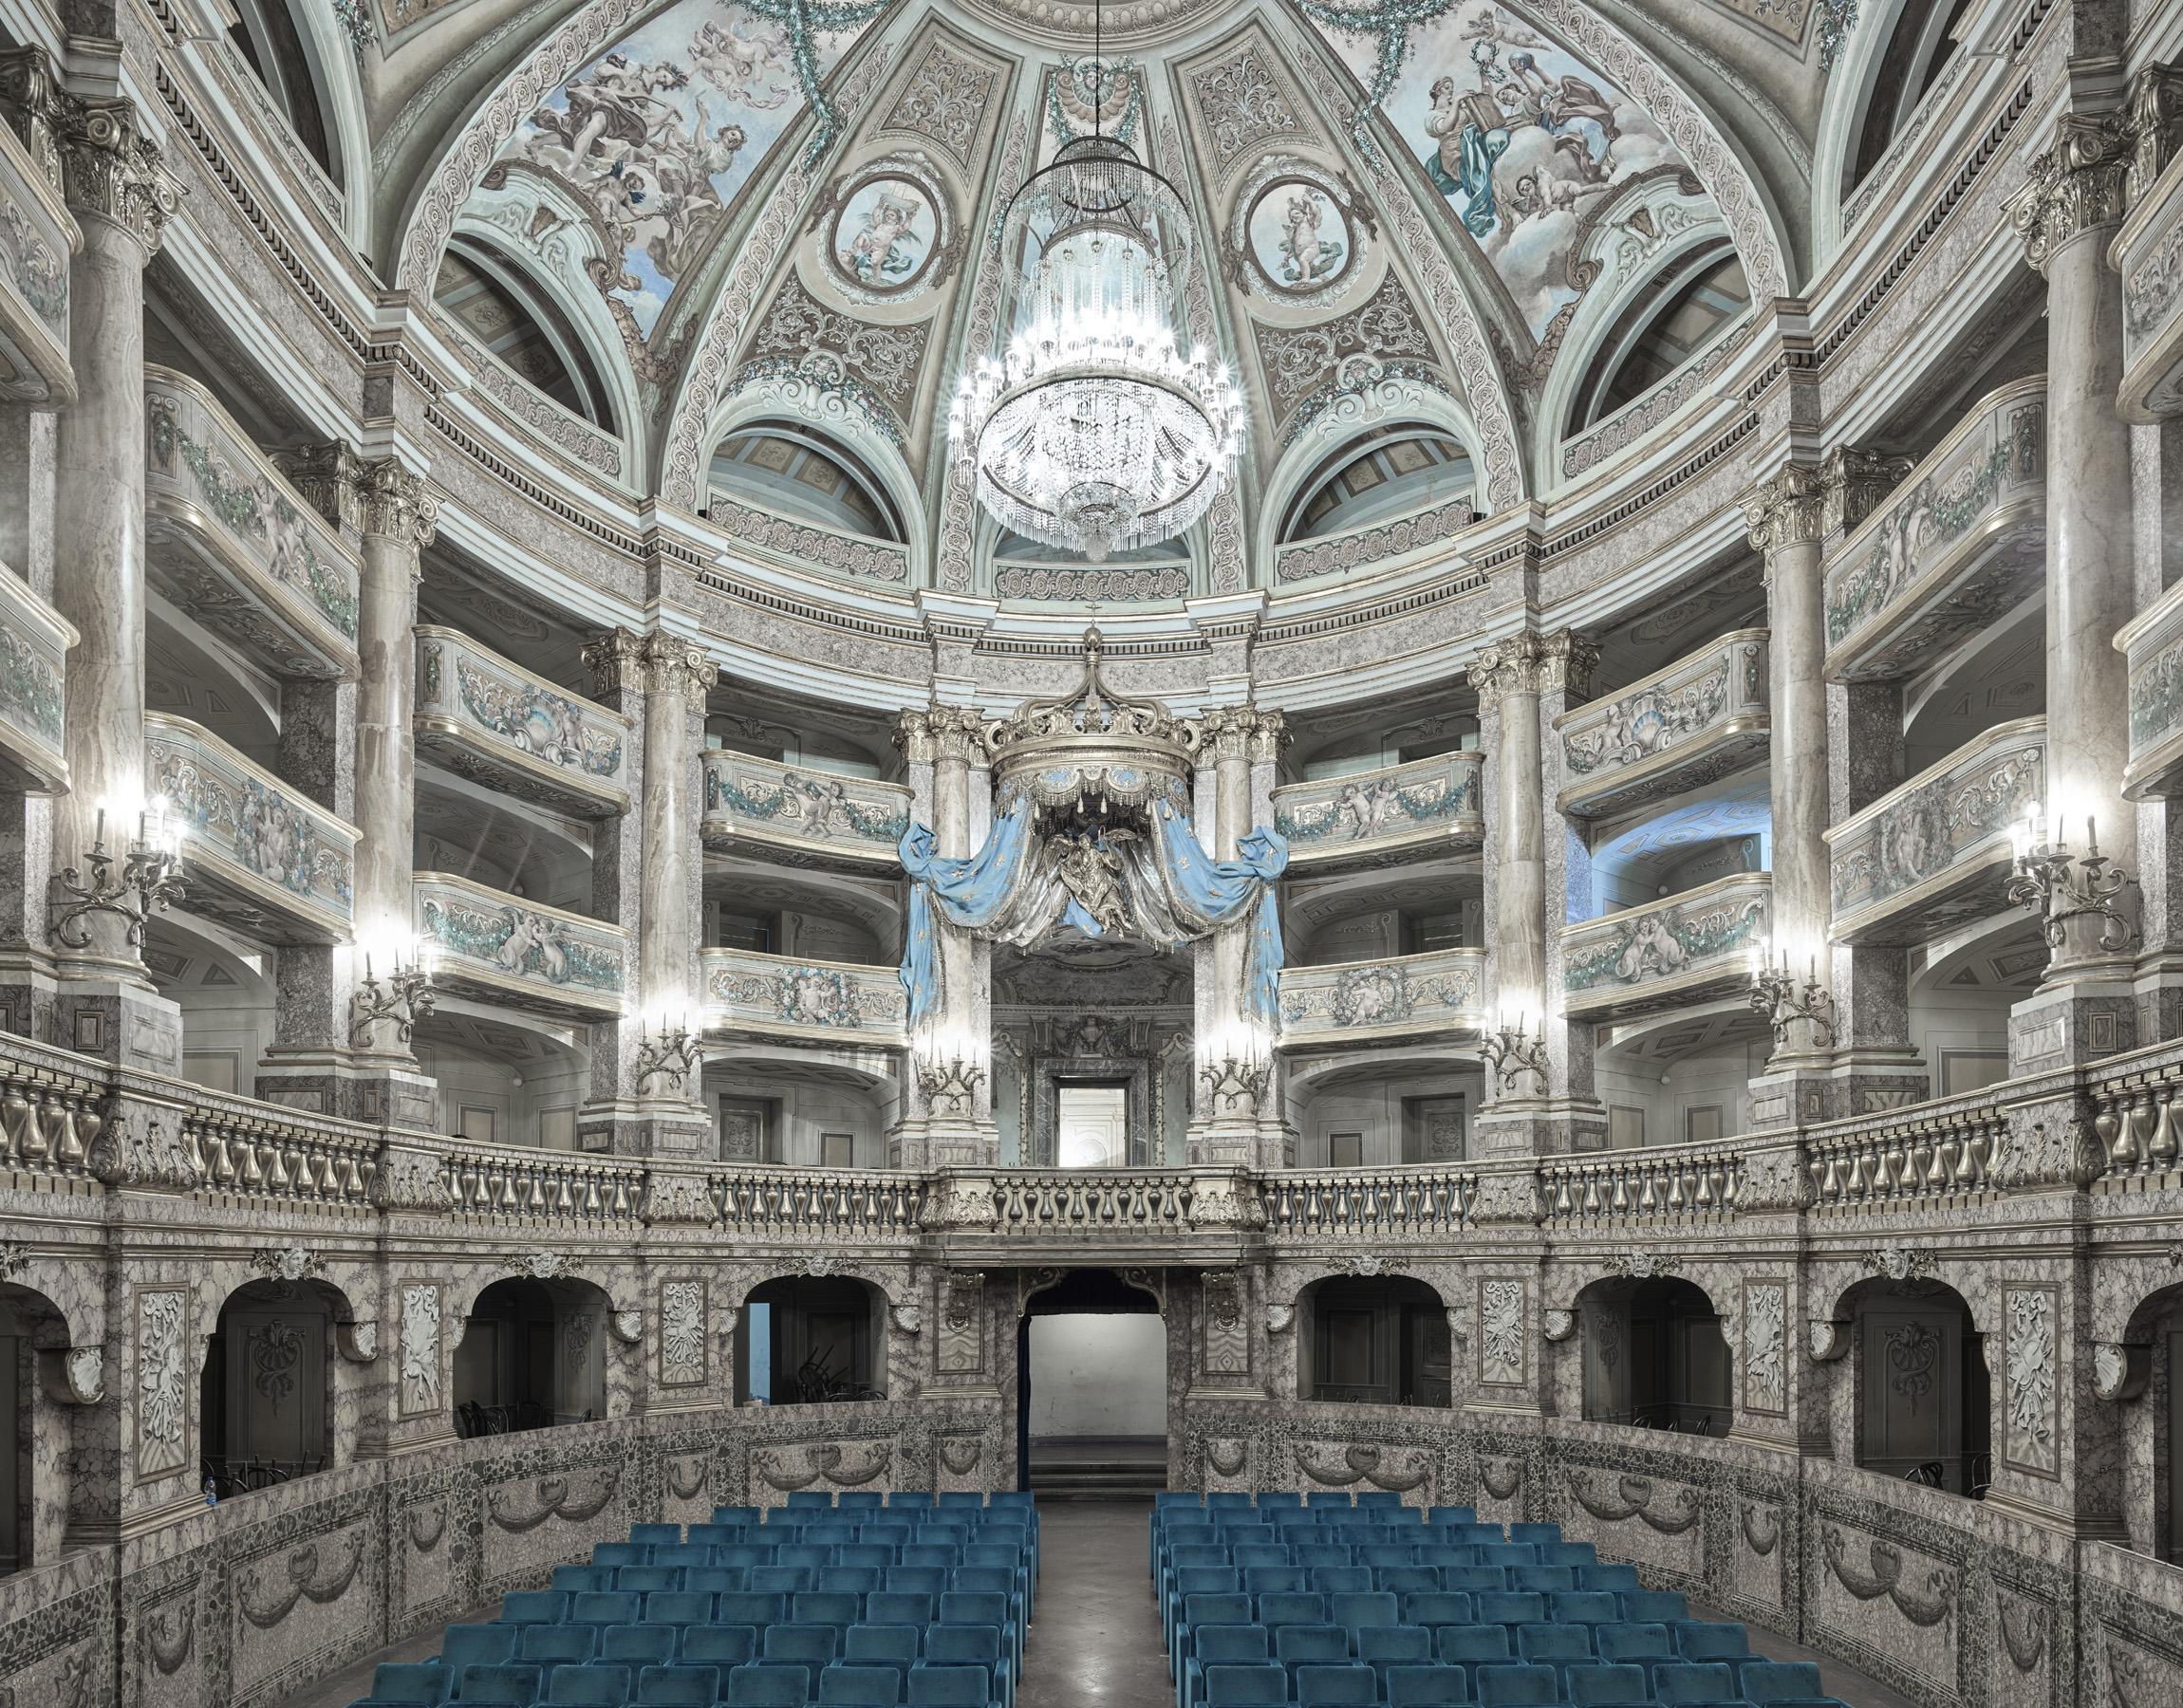 07_Reggia di Caserta Theatre, Caserta, Italy, 2016 copy (1)